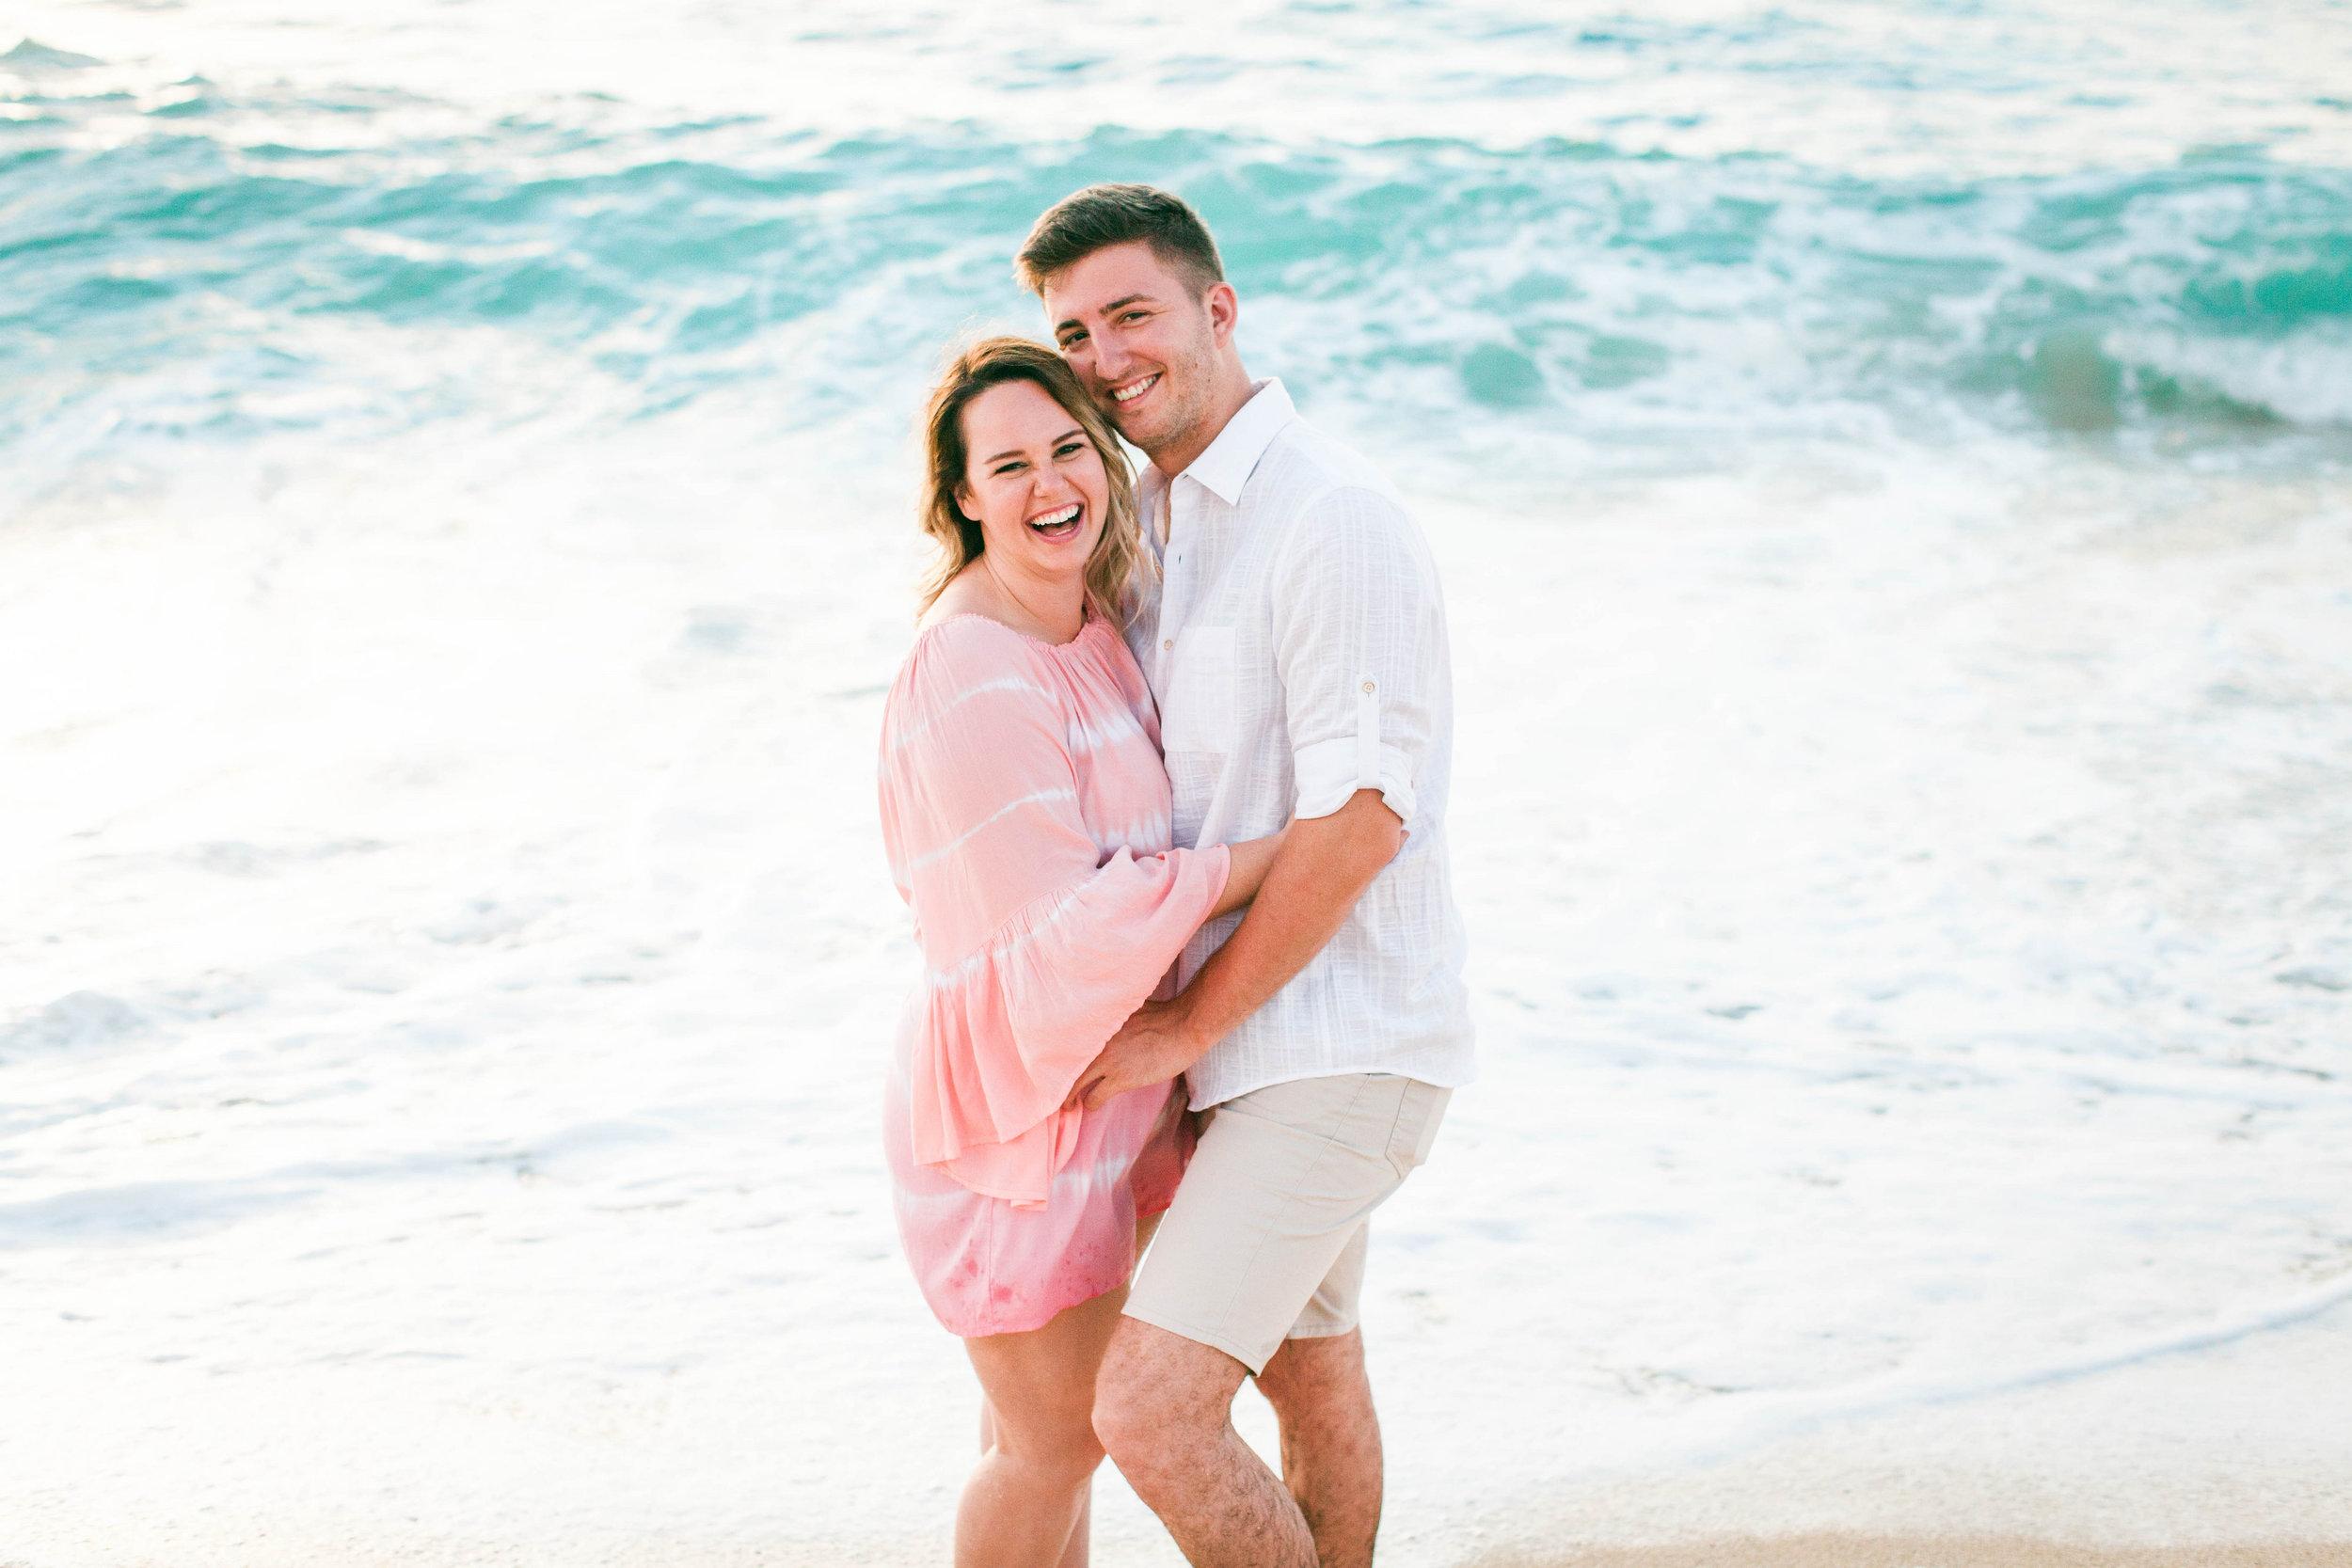 Honolulu summer Wedding Photography